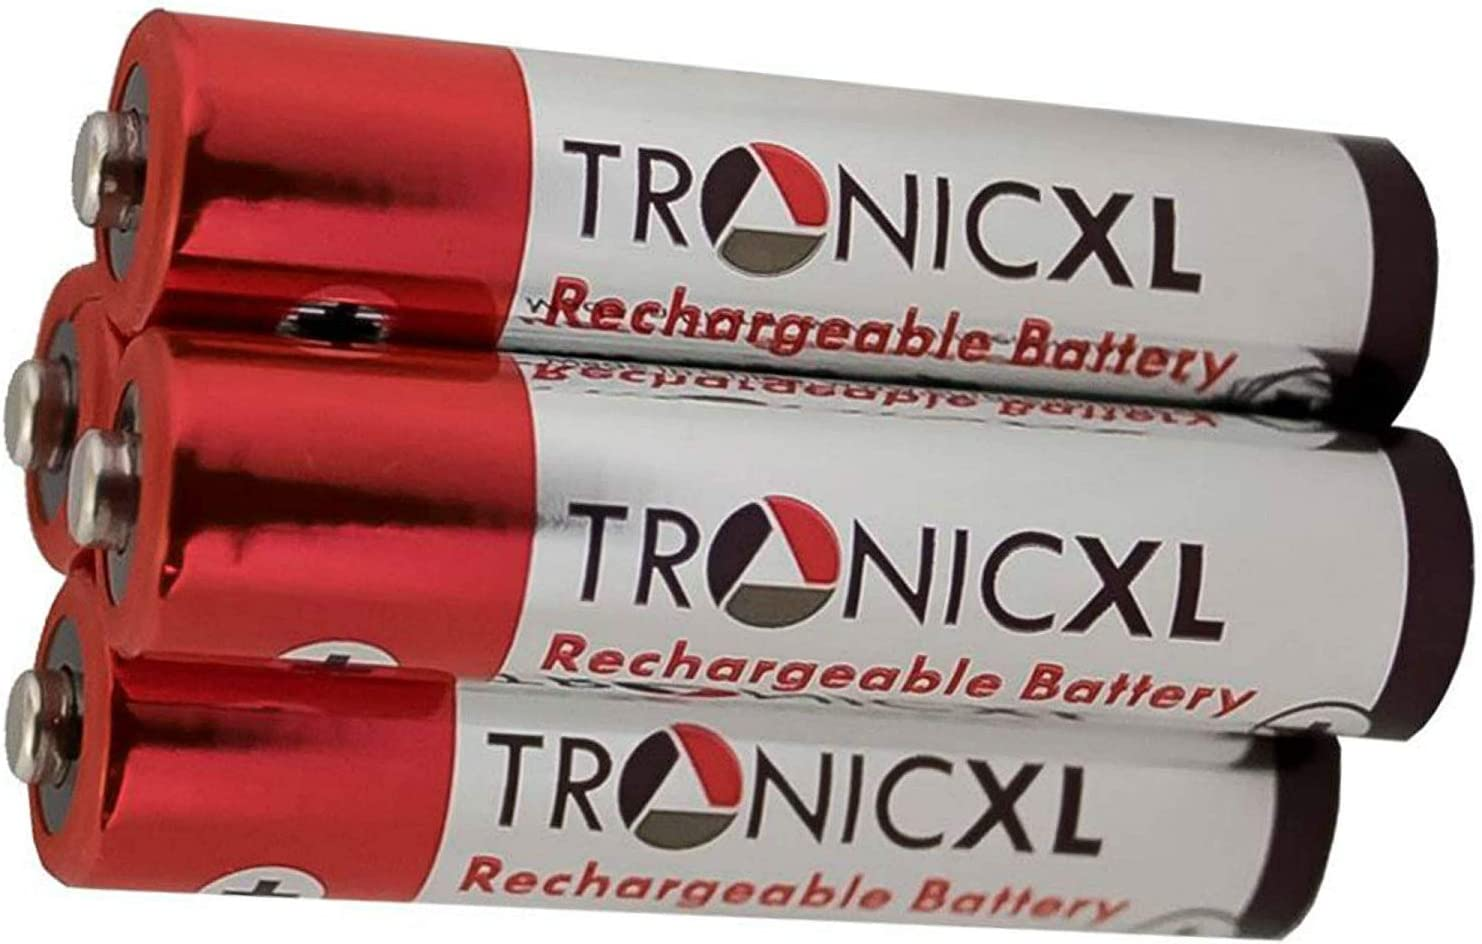 Eurosell 700 mAh recargables batería de repuesto AAA para teléfono inalámbrico batería Siemens Gigaset Teléfono inalámbrico A380 A385 A580 A585 A58H A150 A155 A15 A340 A345 A34 AS280 AS285 AS28H: Amazon.es: Electrónica